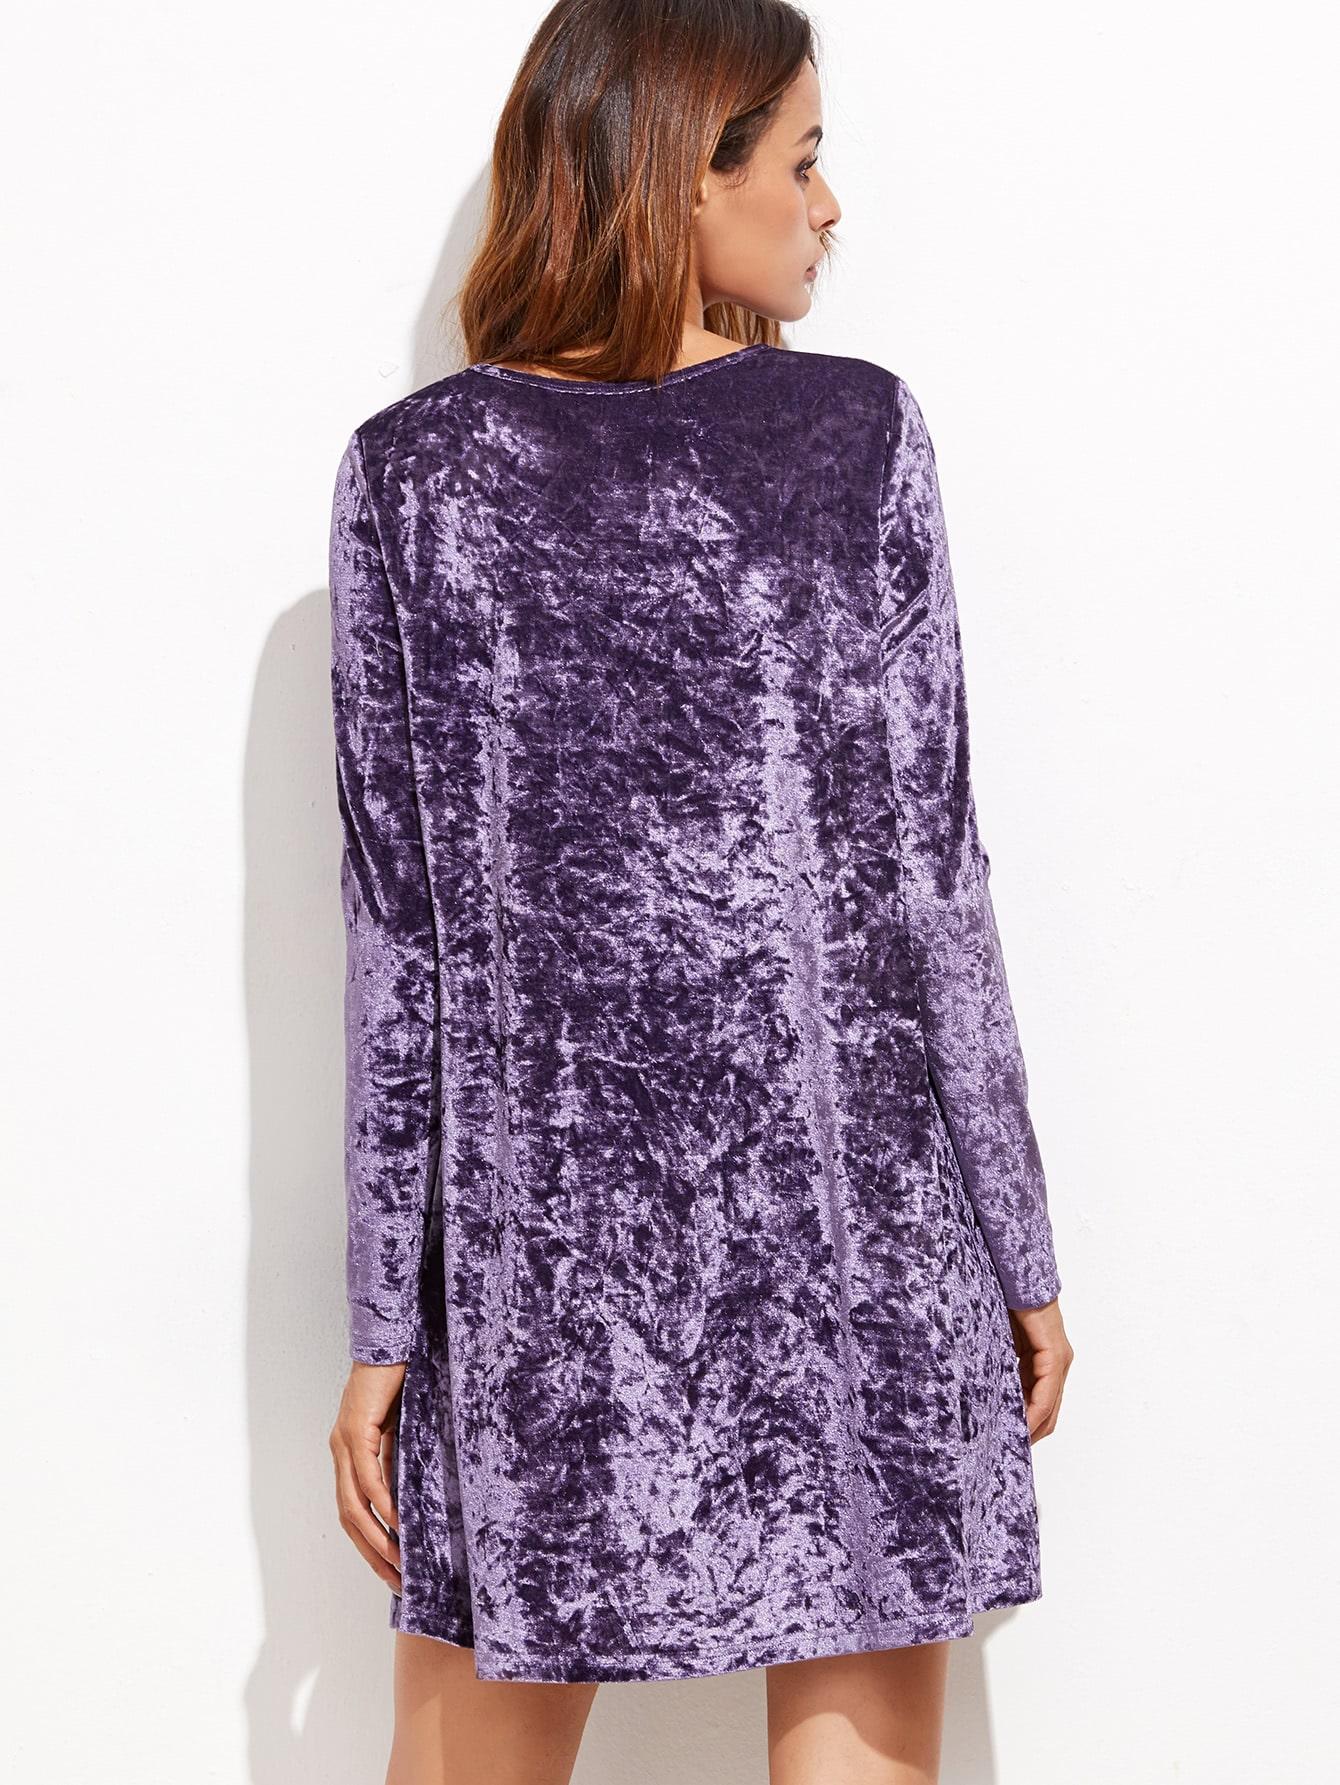 Vestido recto manga larga de terciopelo - violeta -Spanish SheIn ...